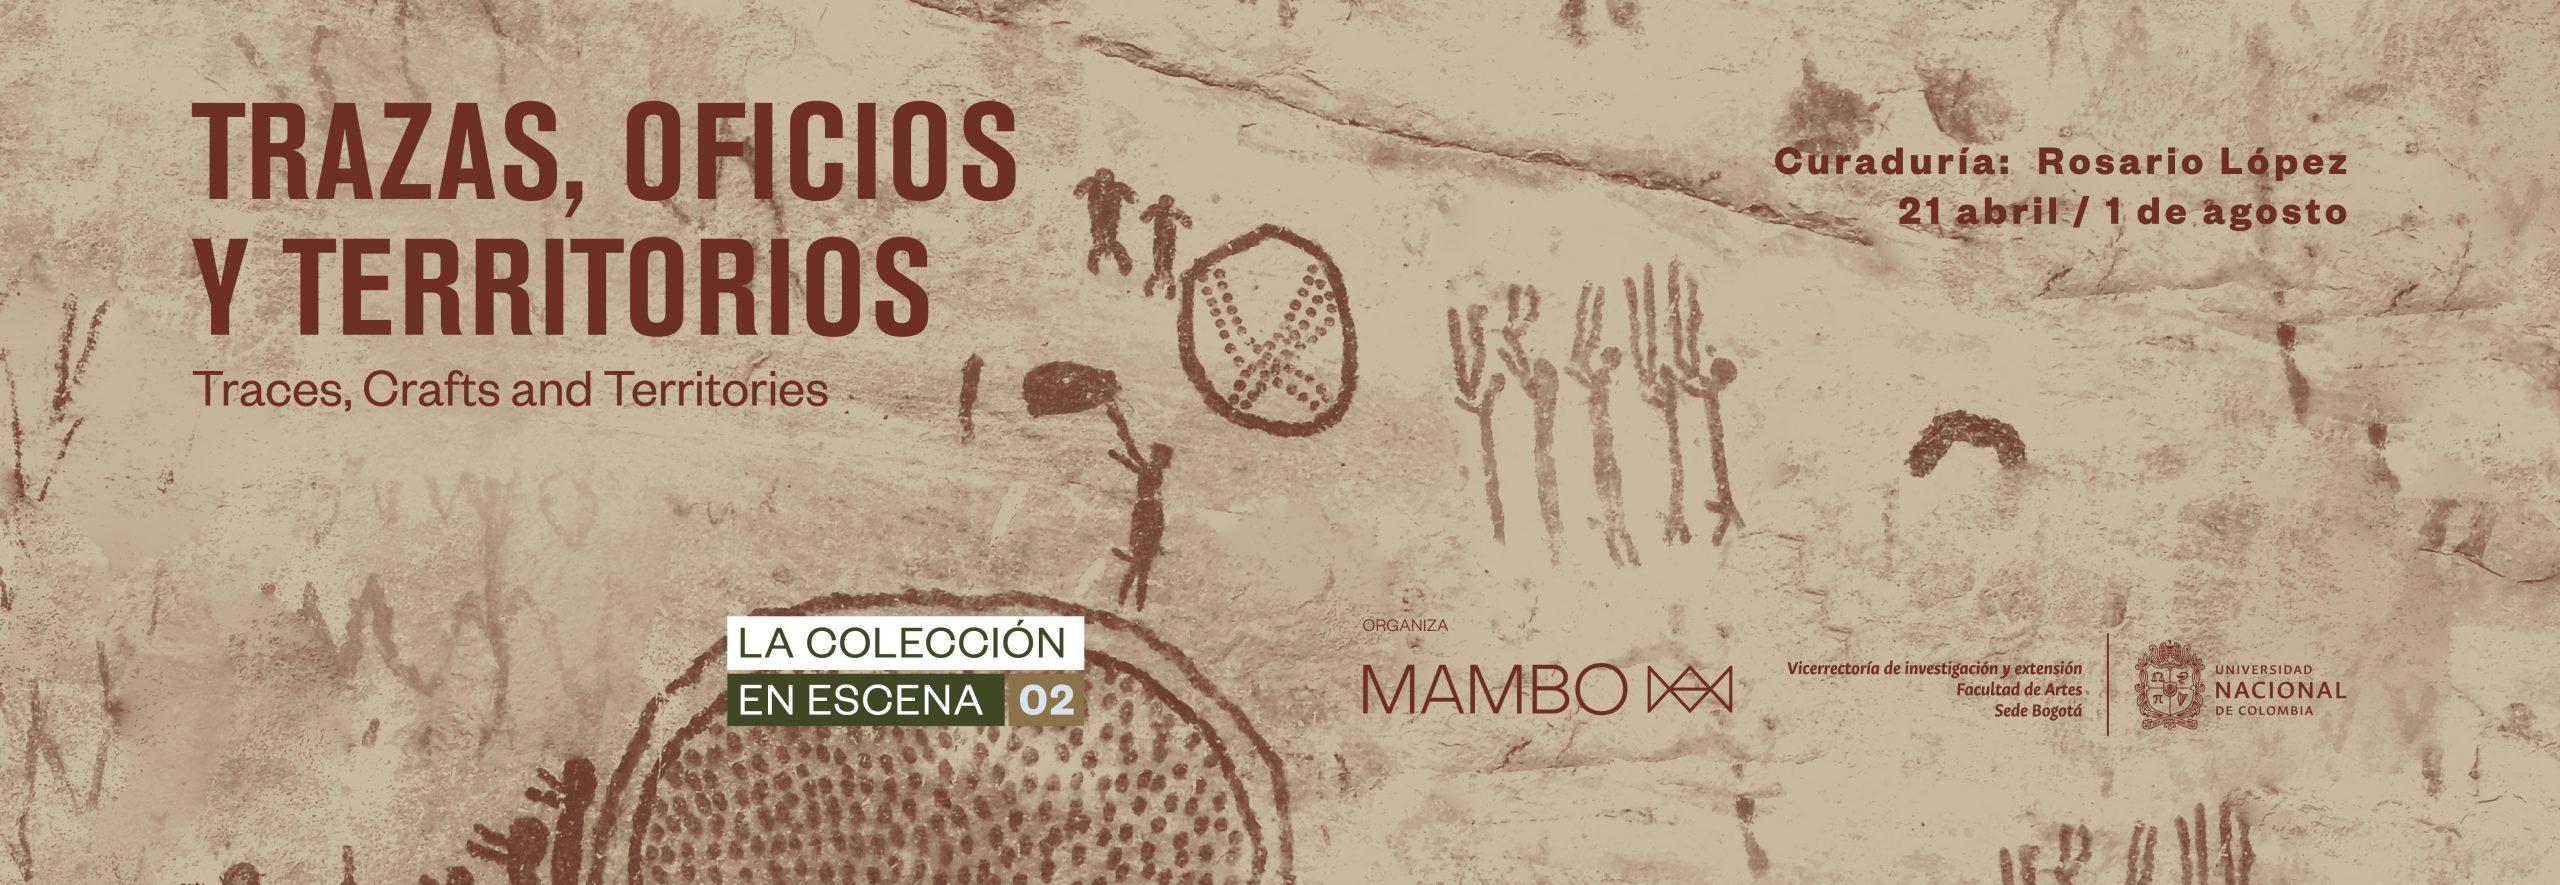 Exposición Trazas, Oficios y Territorios. La Colección en Escena 02.